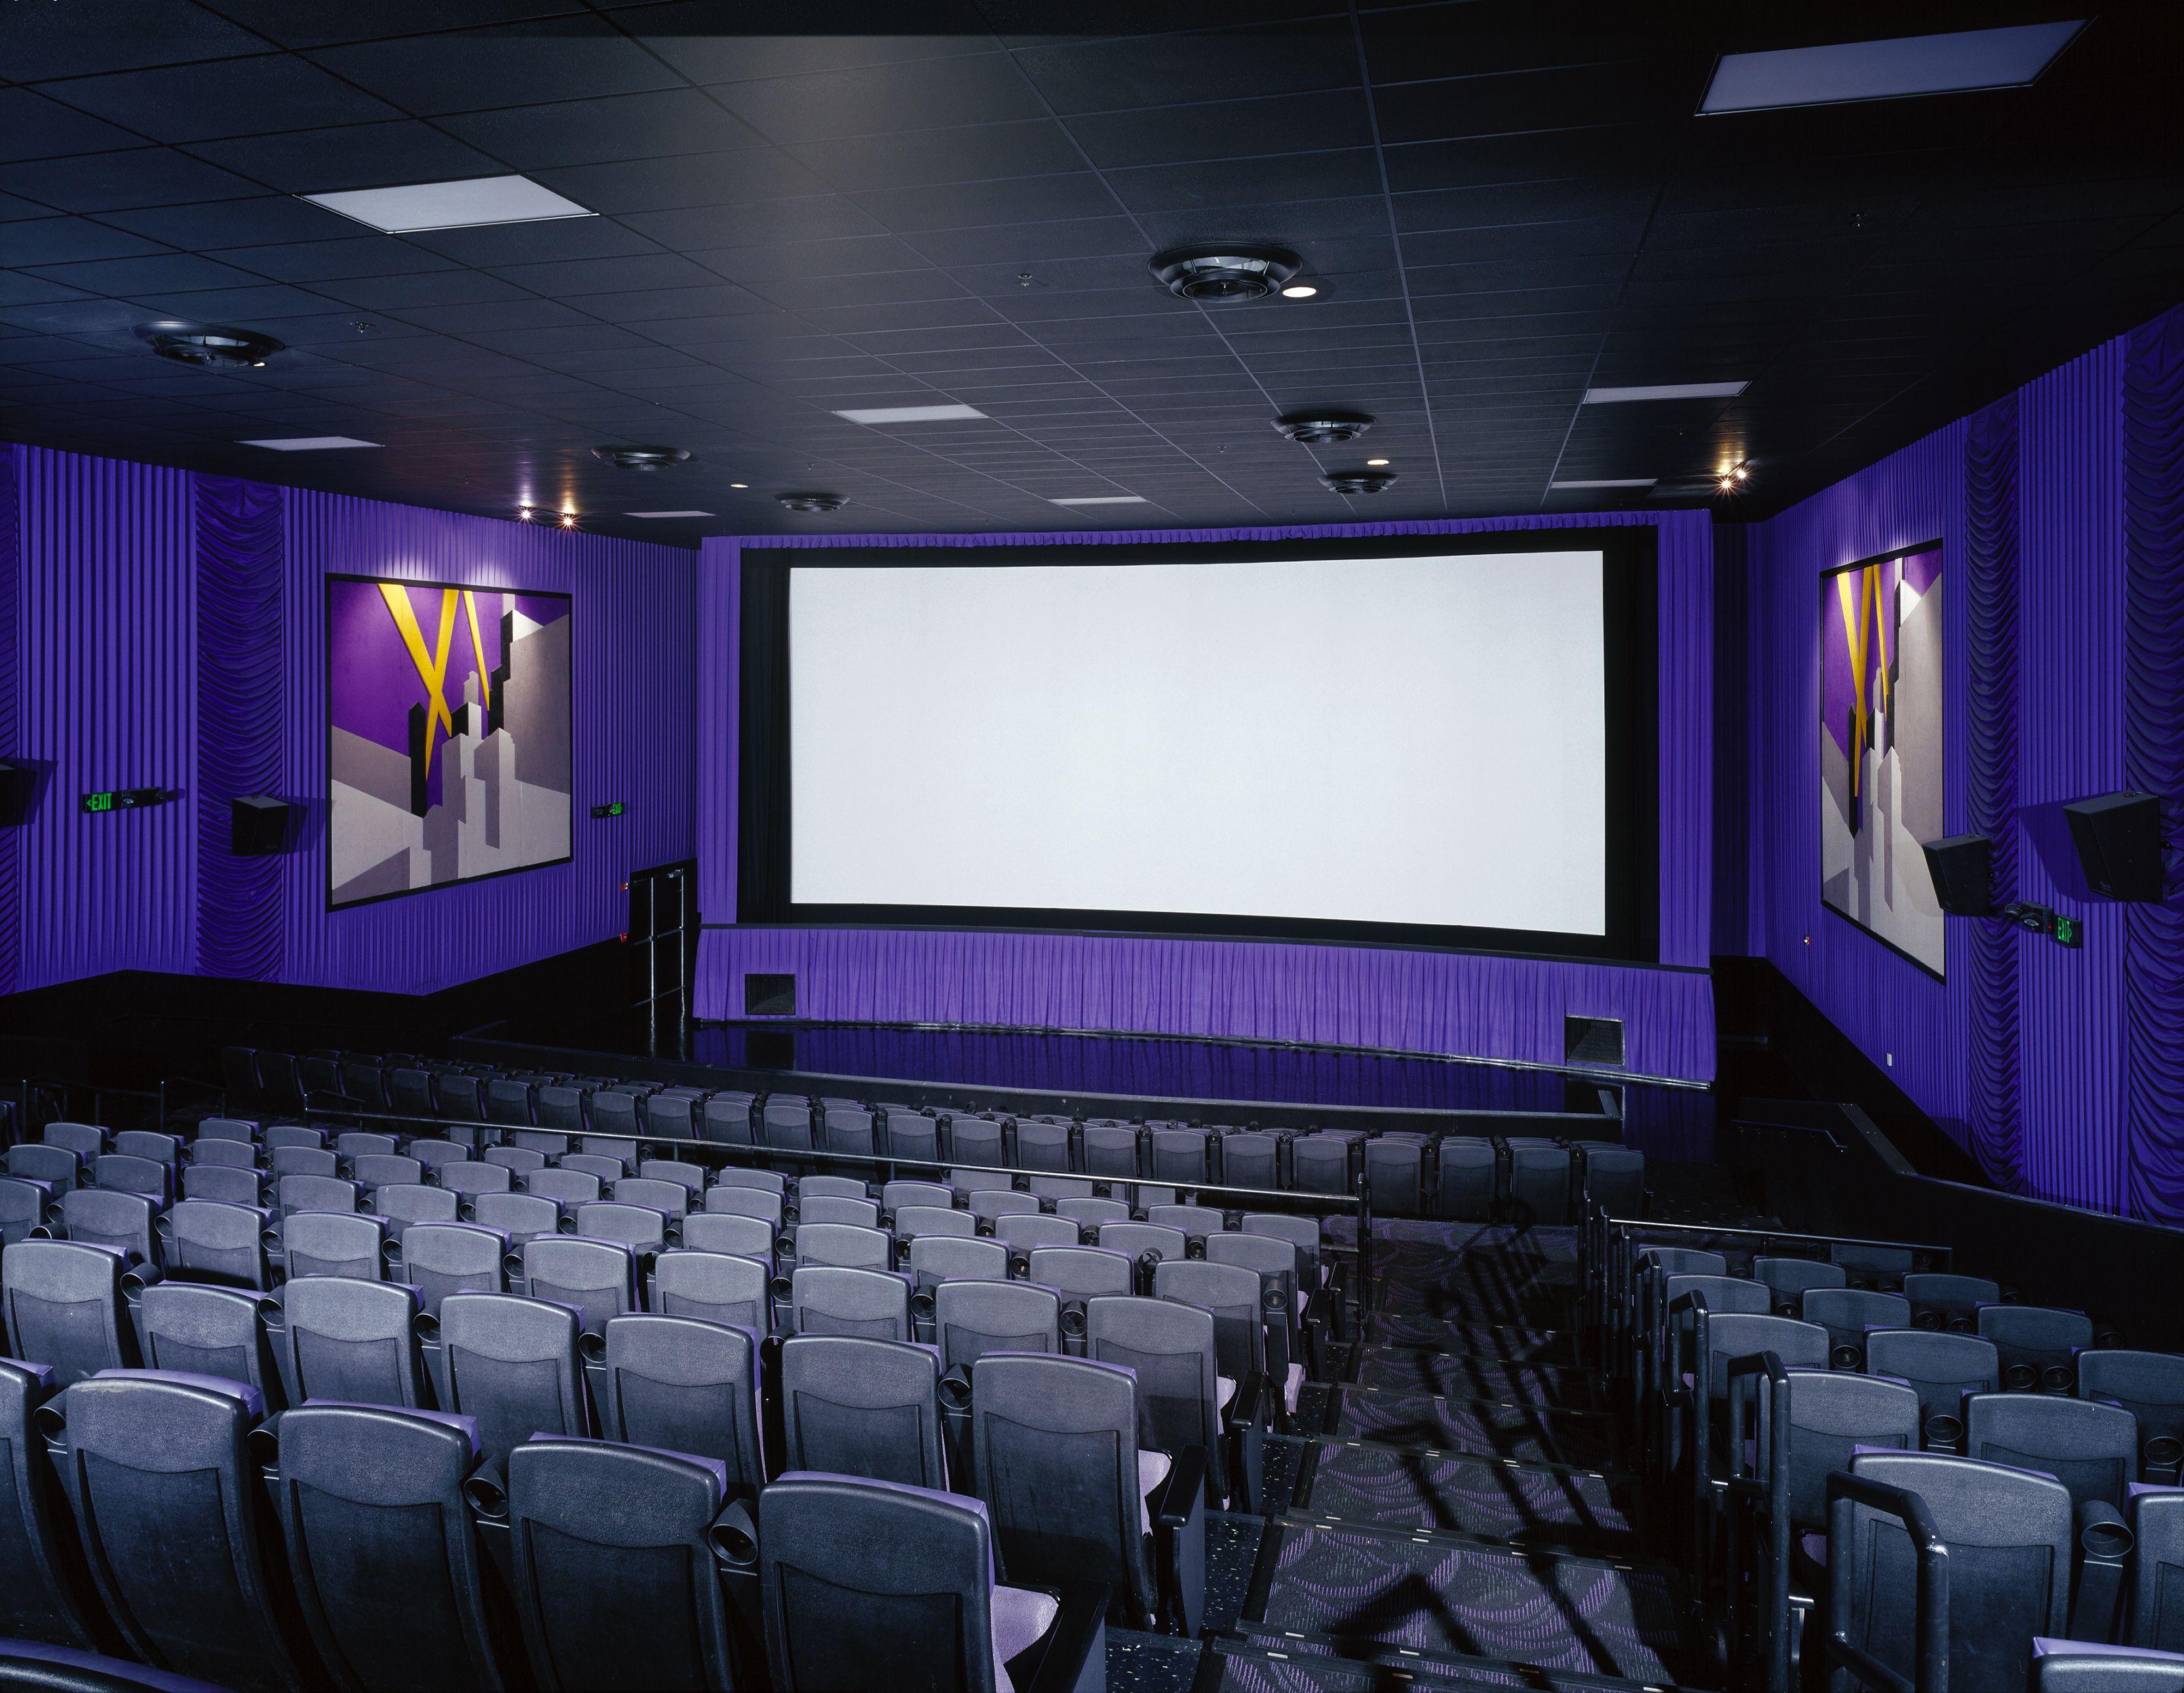 Charlestowne 18 Theatre Auditorium 1 Auditorium Theatre Cinema